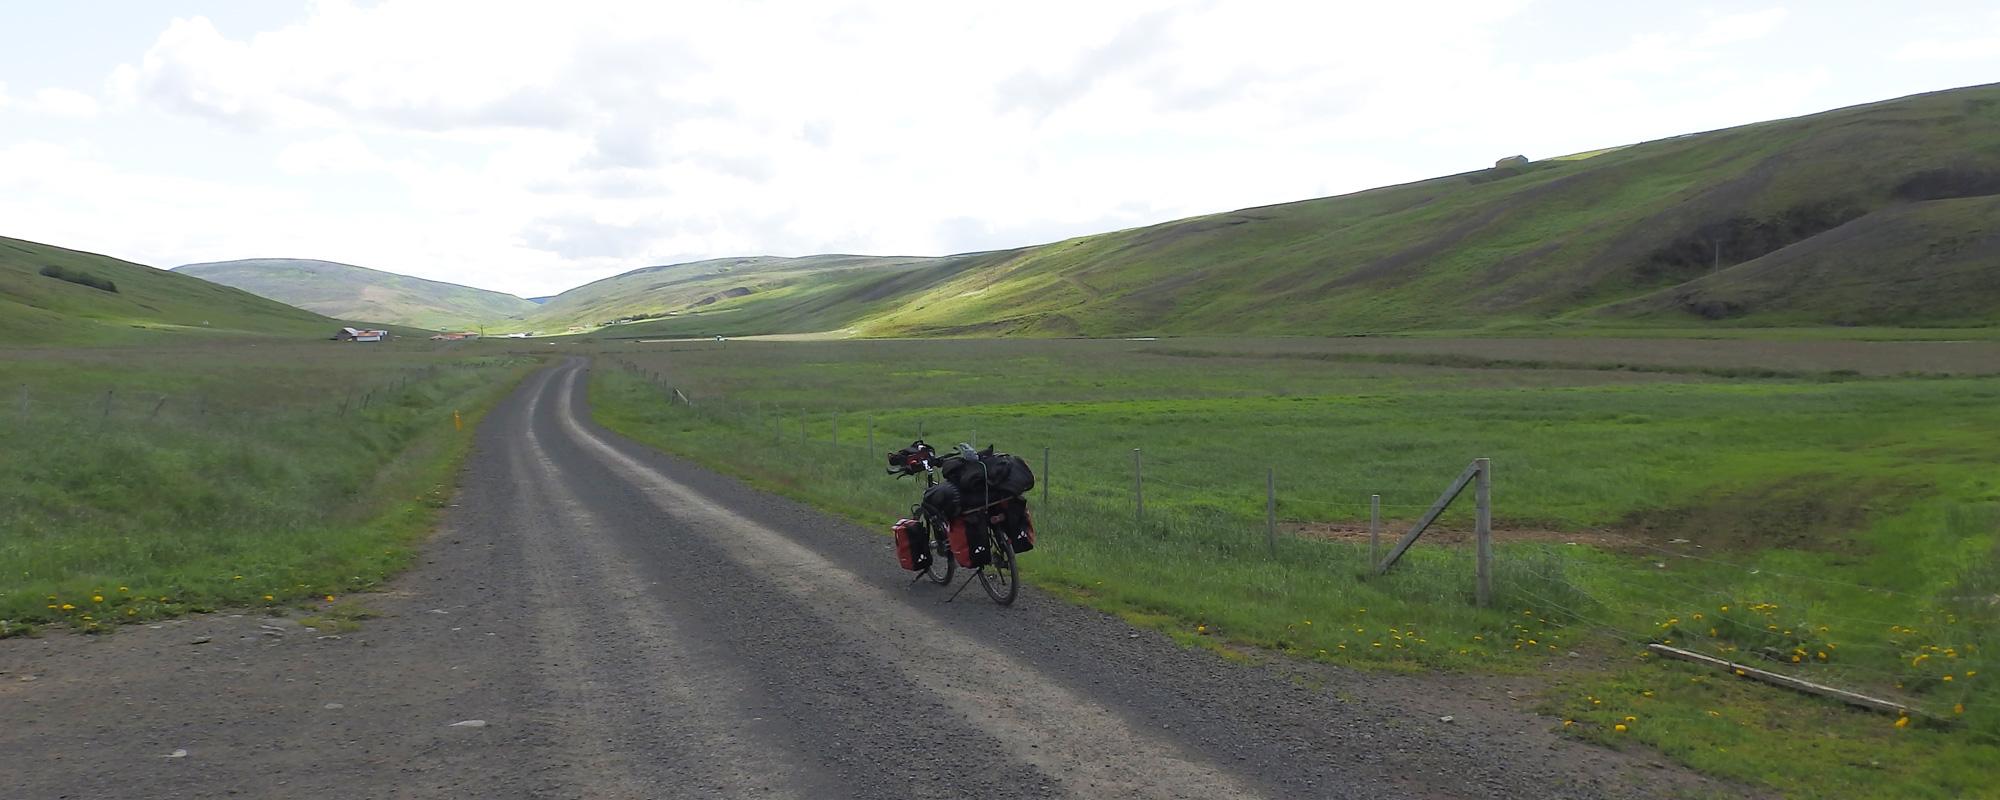 """En Islande à vélo en 2014, direction piste F35 """"Kjolur"""" du nord vers le Sud"""